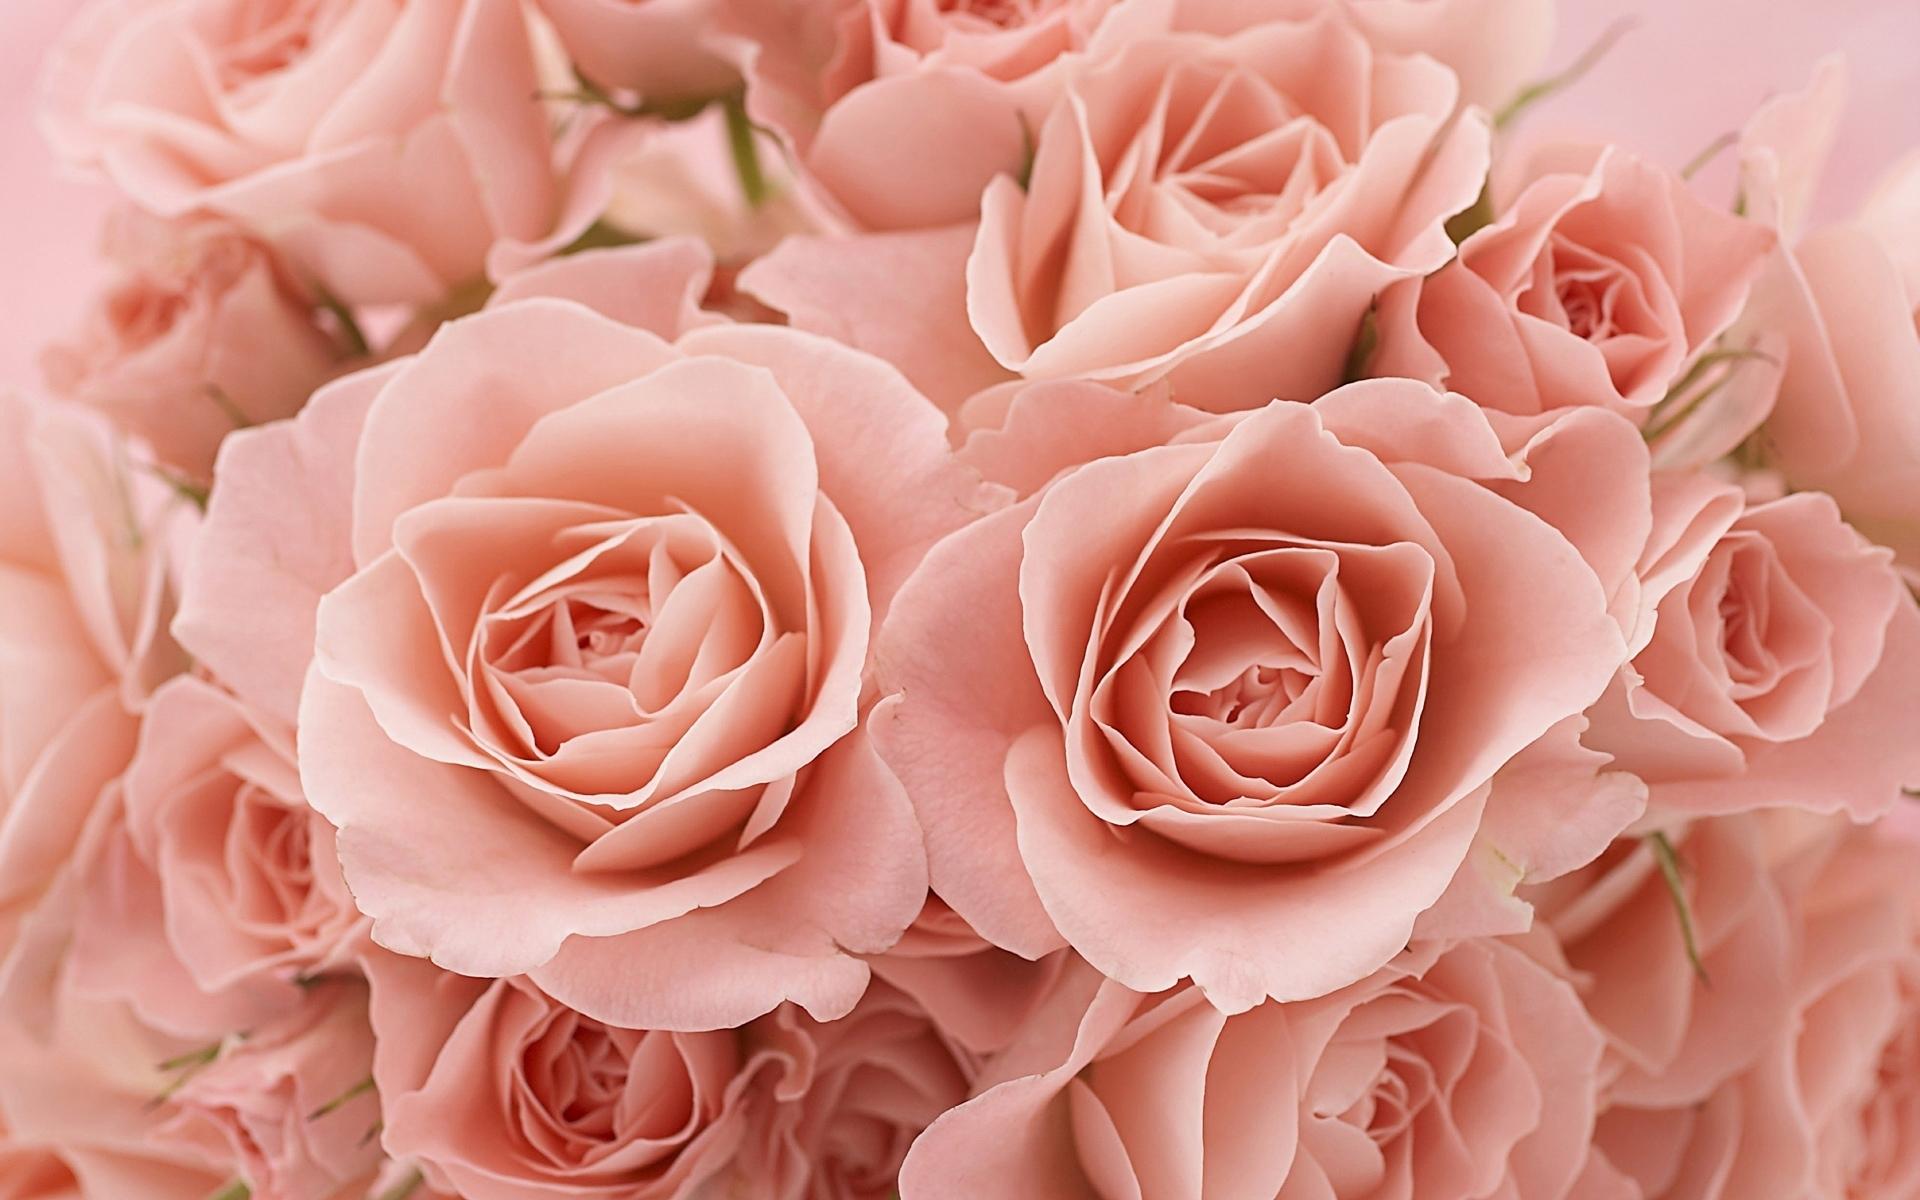 46799 скачать обои Растения, Цветы, Розы - заставки и картинки бесплатно